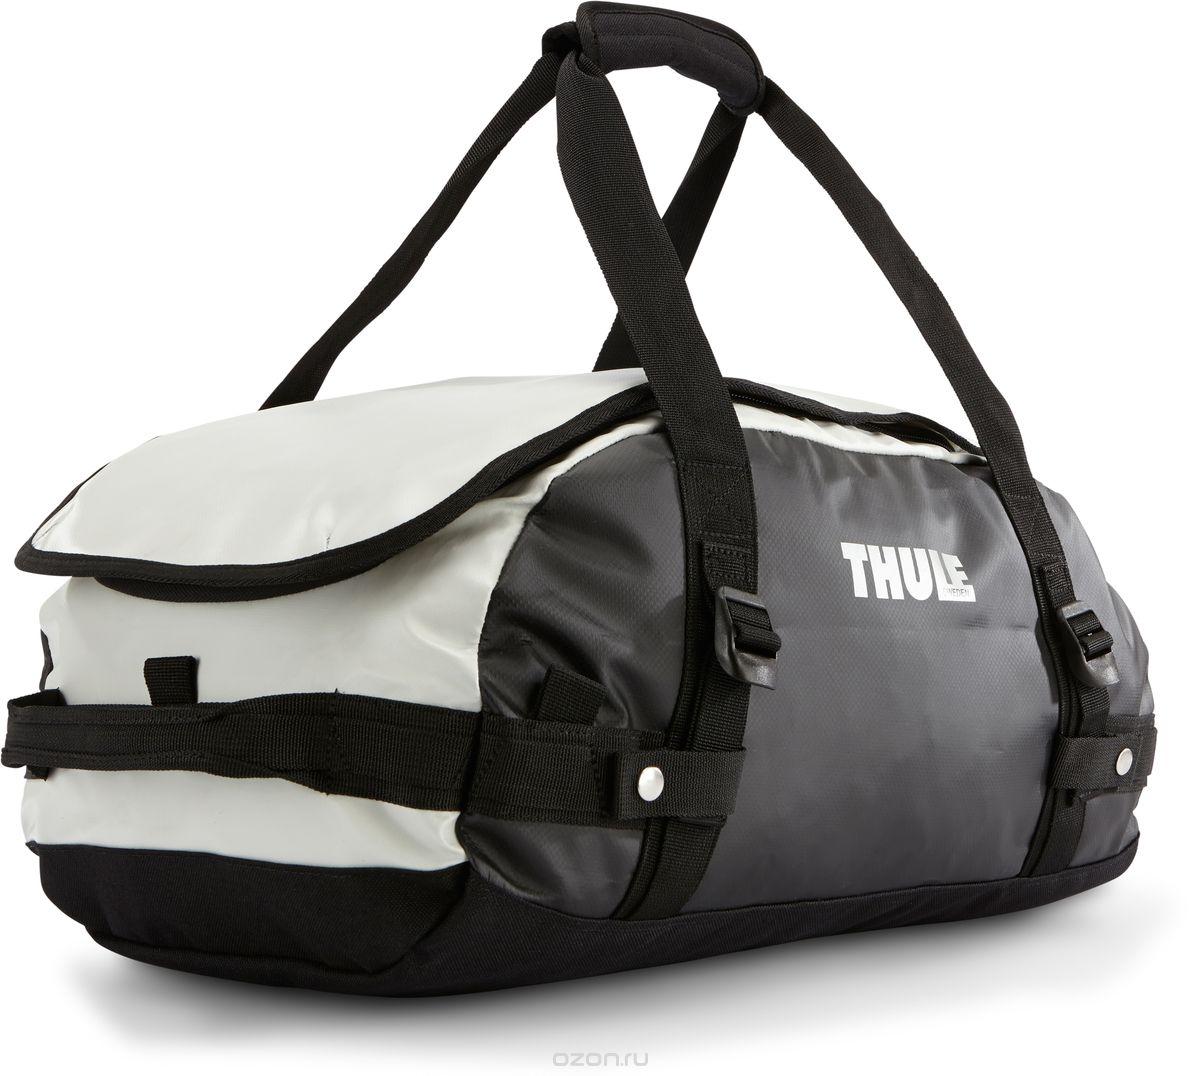 Туристическая сумка-баул Thule Chasm XS, цвет: темно-серый, белый, 27лКостюм Охотник-Штурм: куртка, брюкиThule Chasm X-Small - эта жесткая, устойчивая к неблагоприятным погодным условиям сумка с широко раскрывающимся основным отделением и съемными ремнями — ваш надежный спутник в любой поездке. Широко раскрывающееся отделение делает загрузку оборудования в сумку очень удобным. Боковые замки делают доступ к основному отделению удобным с любого угла Ремни складываются вдоль боковых сторон сумки. Ремни быстро превращают рюкзак в сумку. Прочная водонепроницаемая брезентовая ткань для удобной укладки вещей, которая легко складывается для хранения. Внутренние сетчатые карманы сохранят ваши вещи в порядке. Внешние фиксирующие ремни предотвращают содержимое сумки от падения на дно, когда она используется как рюкзак. Уплотненная нижняя часть сумки обеспечивает мягкое соприкосновение с землей. Блокировка застежки-молнии для защиты от воров (замок продается отдельно). Внешний сетчатый карман для небольших предметов. Размер сумки: 47 x 29 x 24 см.